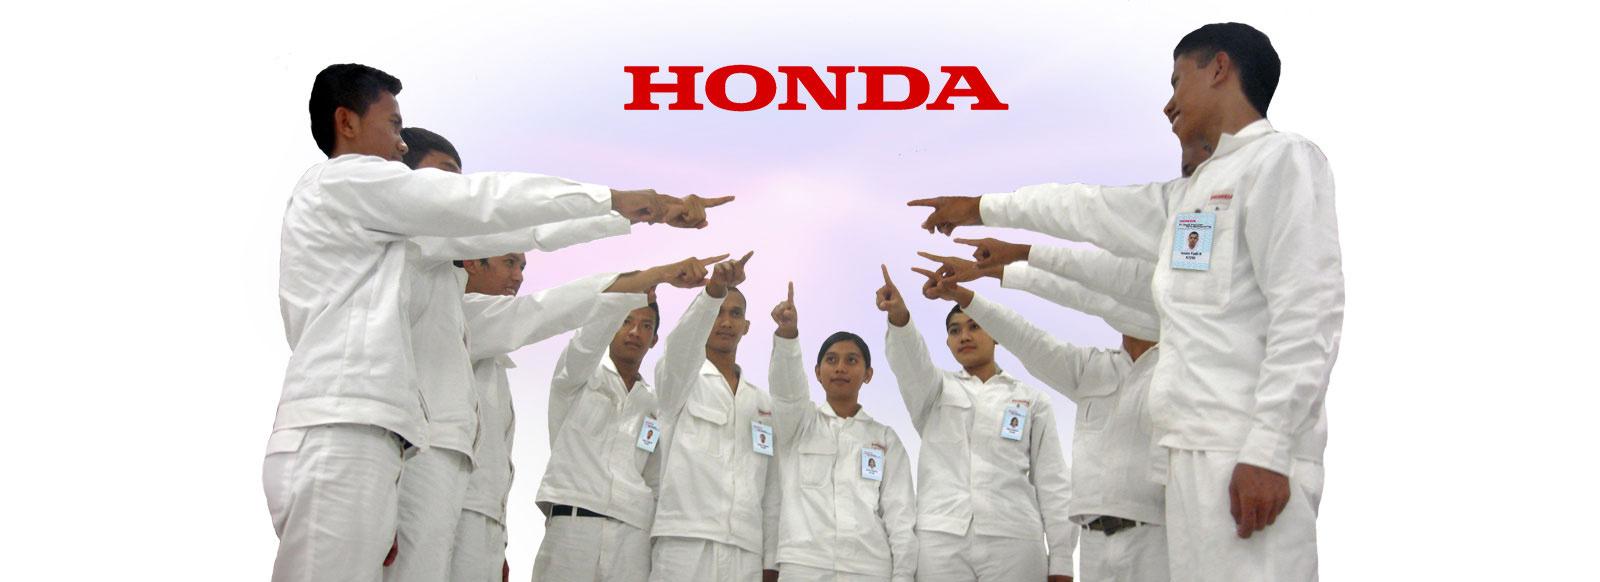 merupakan bab dari perusahaan raksasa Astra international yang khusus menciptakan product p Loker PT HPPM Terbaru - Daftar Online PT HPPM (Honda Precision Parts Manufacturing)